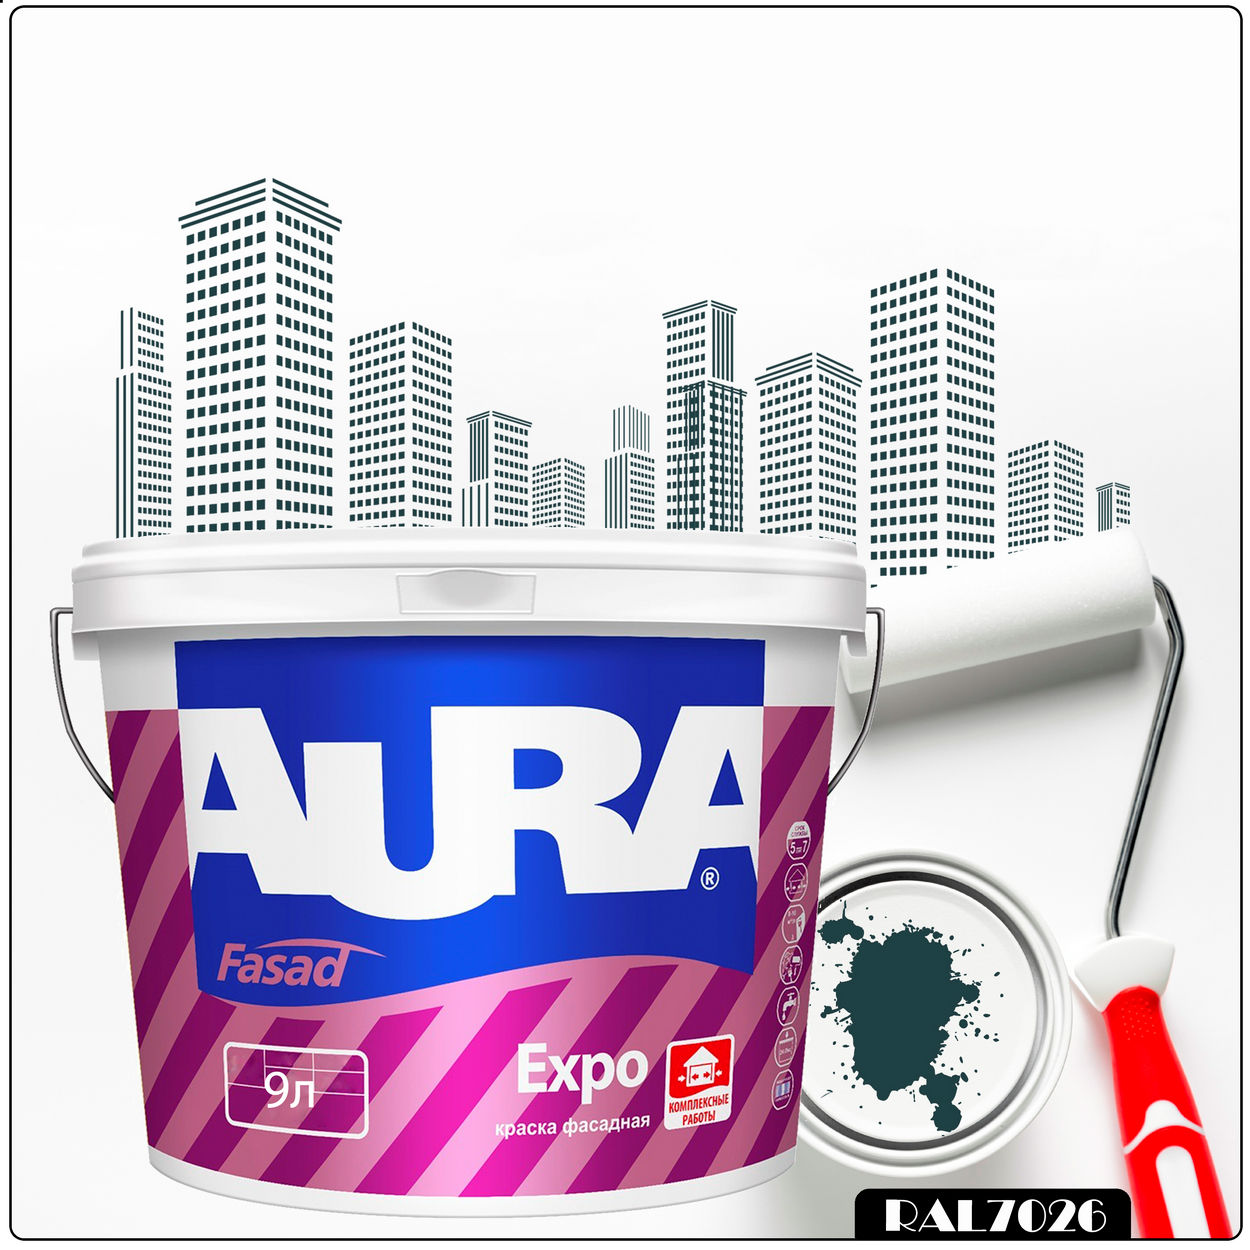 Фото 20 - Краска Aura Fasad Expo, RAL 7026 Серый-гранит, матовая, для фасадов и помещений с повышенной влажностью, 9л.